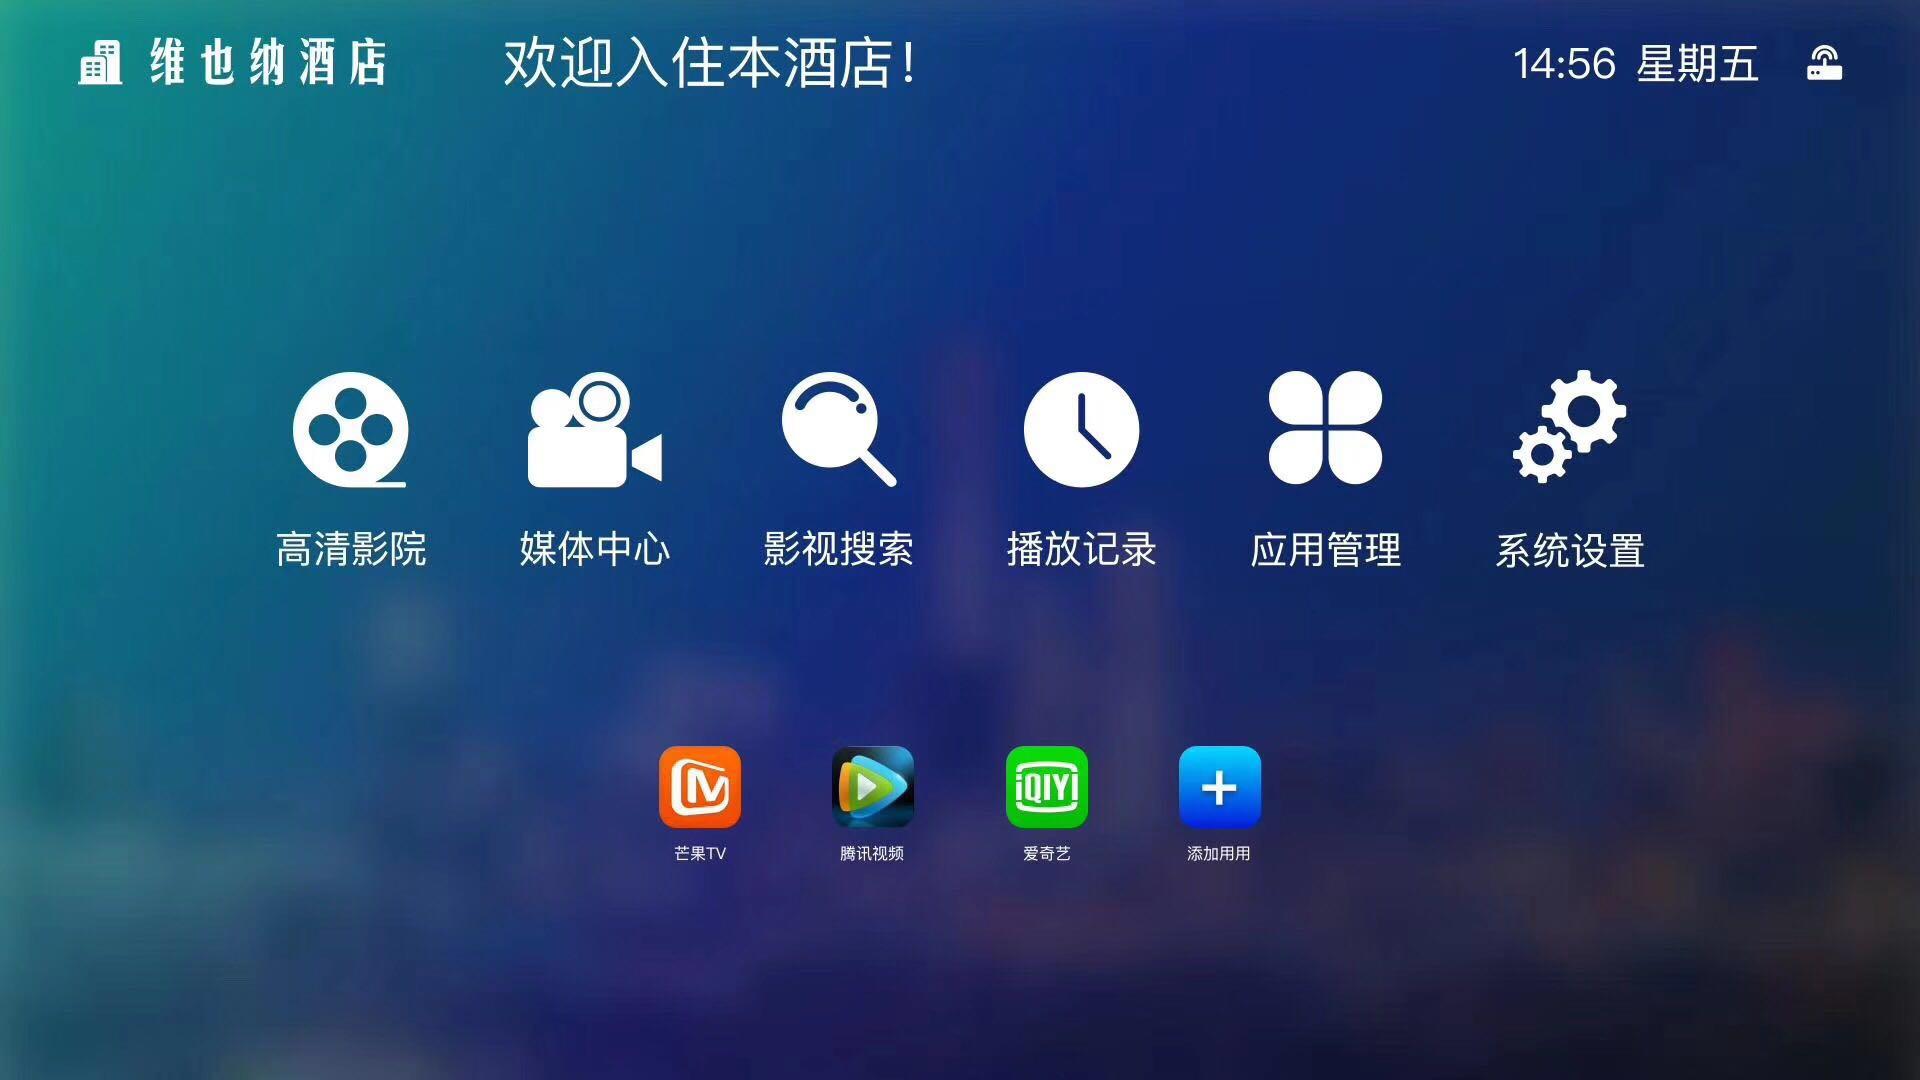 酒店iptv技术方案_供应伟涛科技报价合理的酒店IPTV电视系统